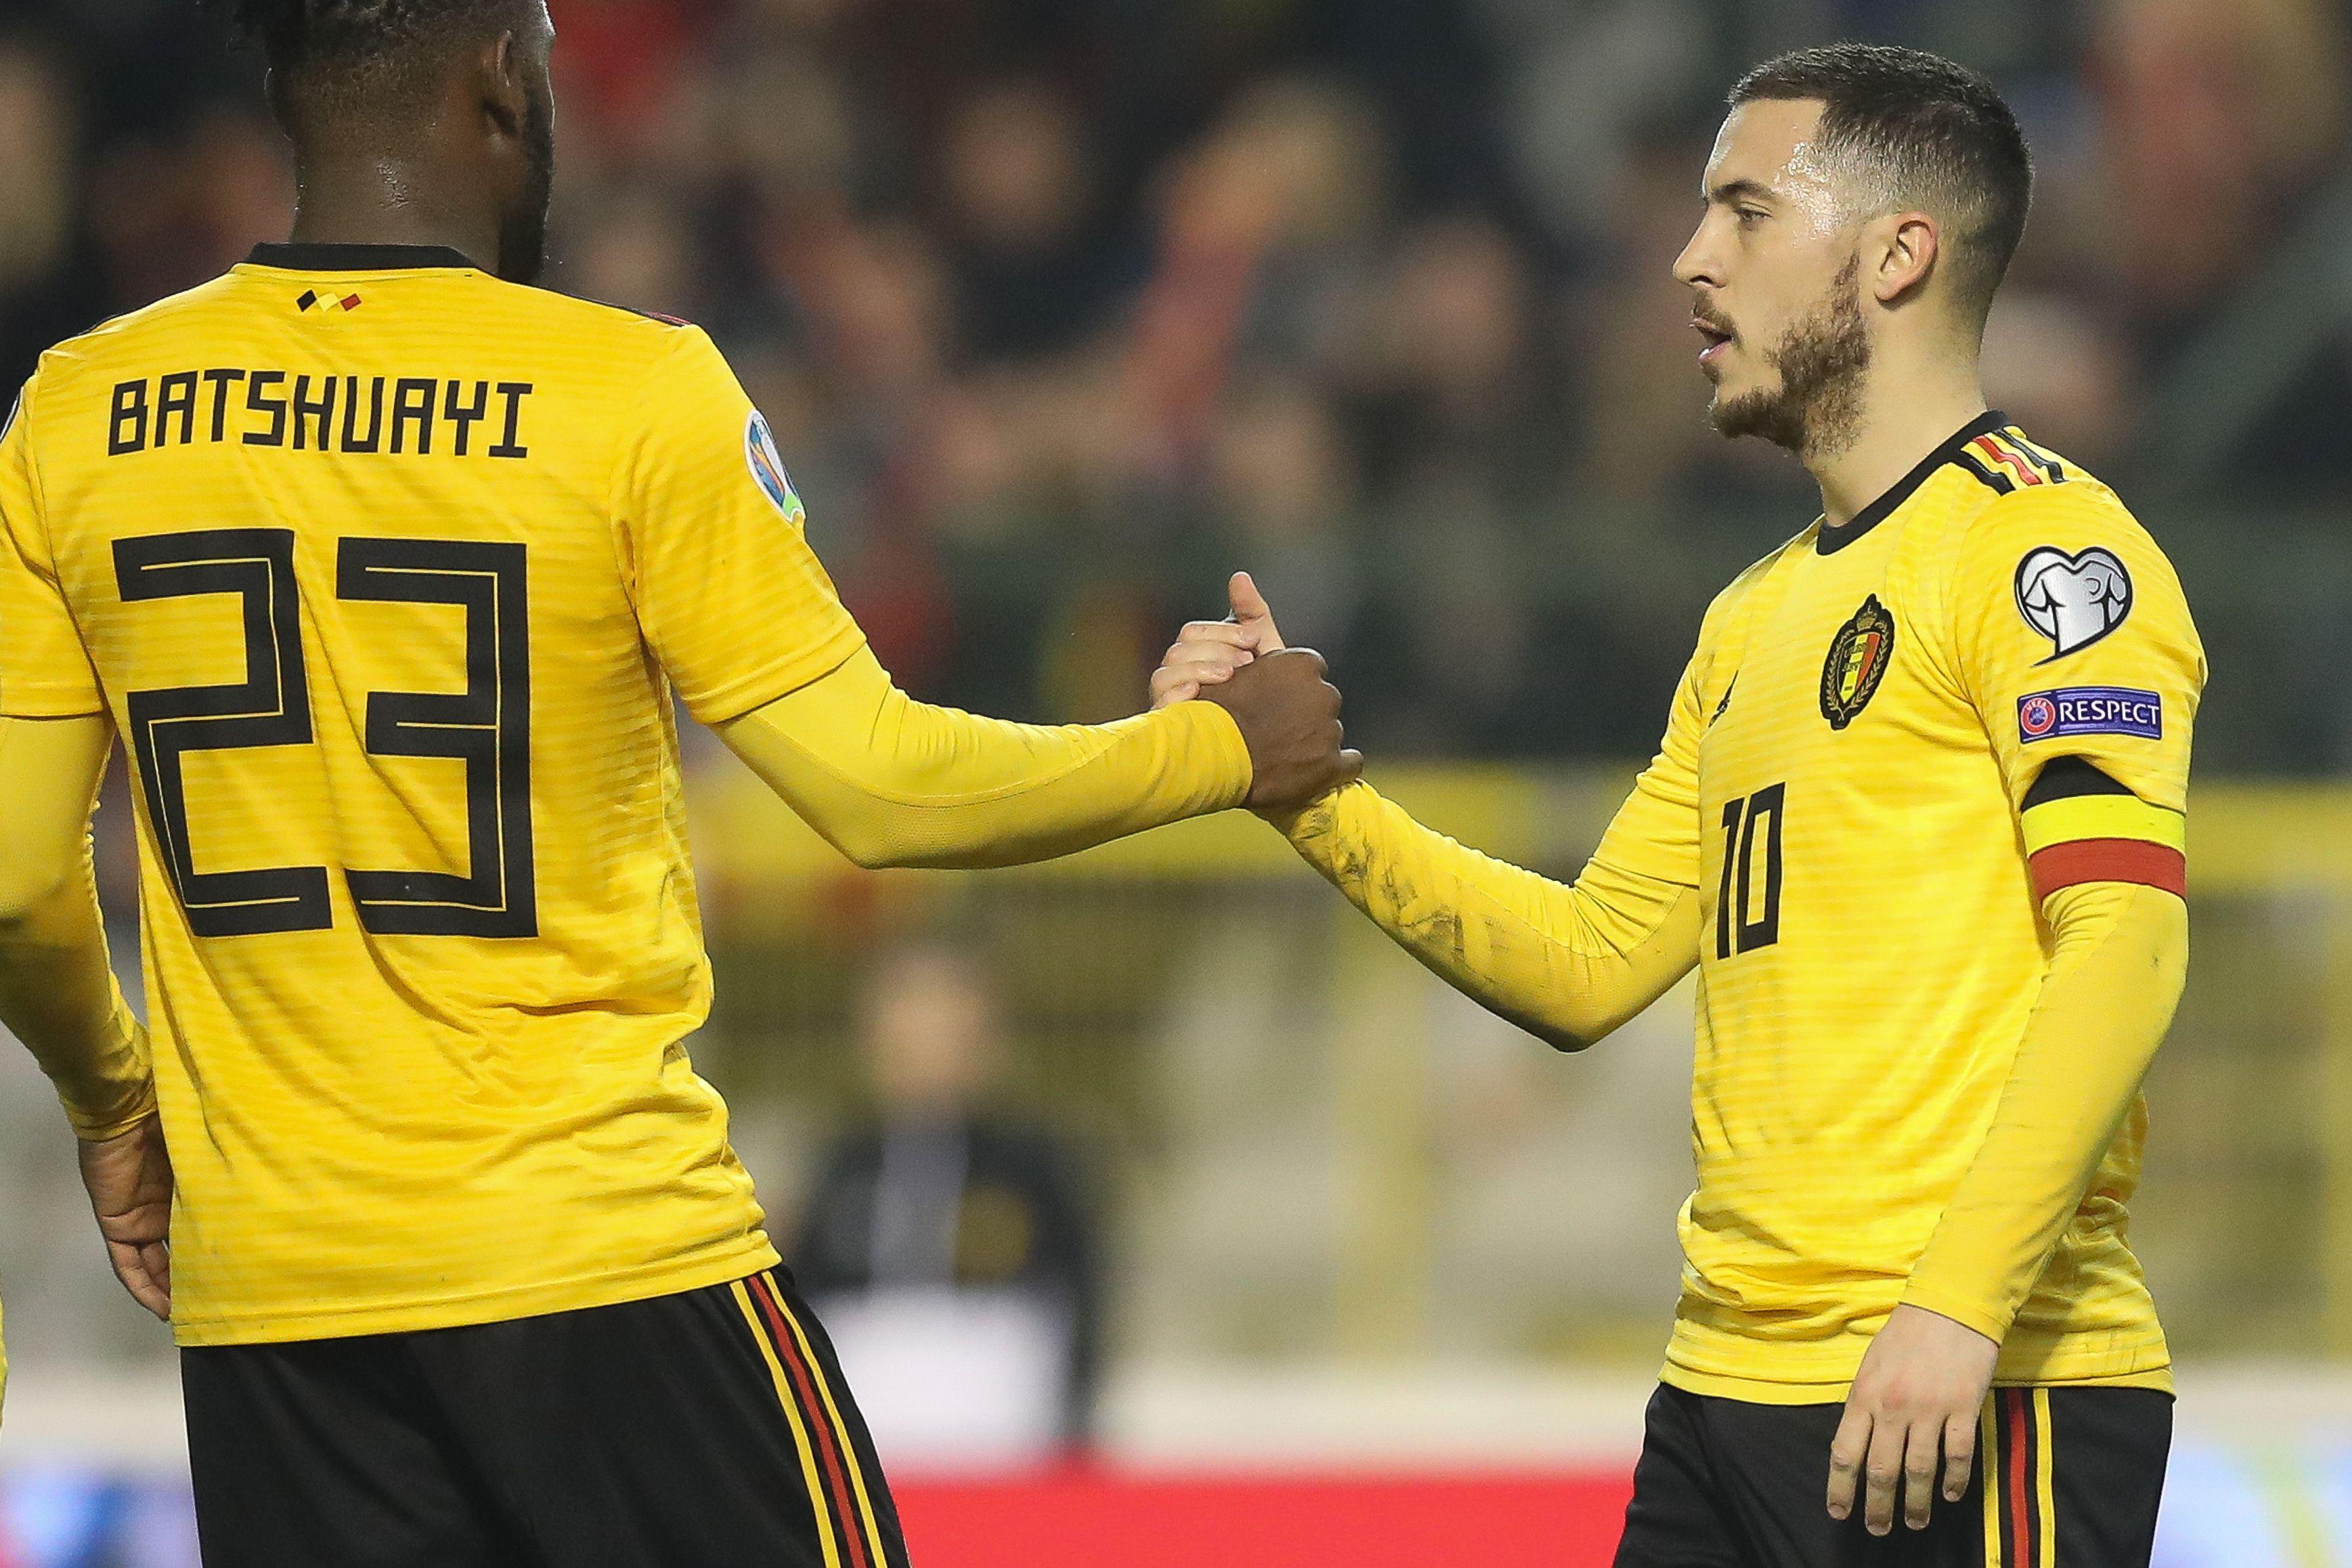 Chelsea internationals: Hazard brace, Pulisic contained, Courtois schadenfreude